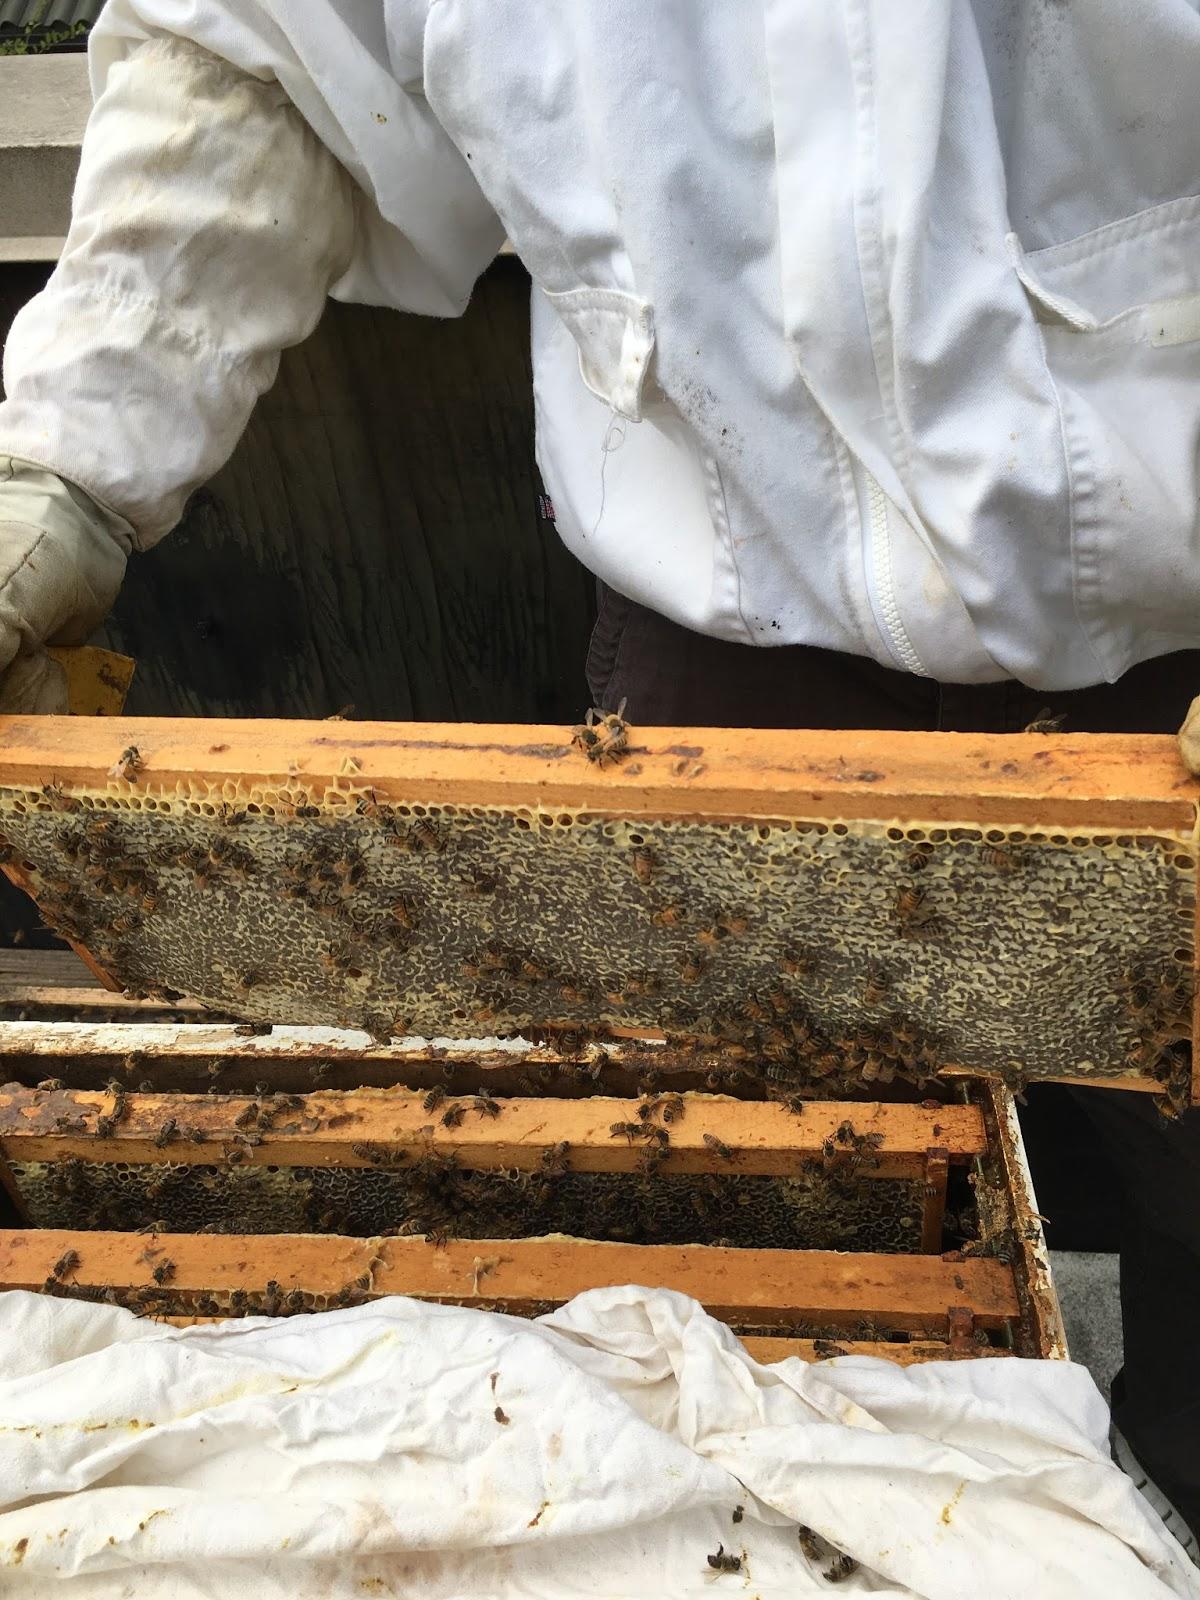 linda u0027s bees